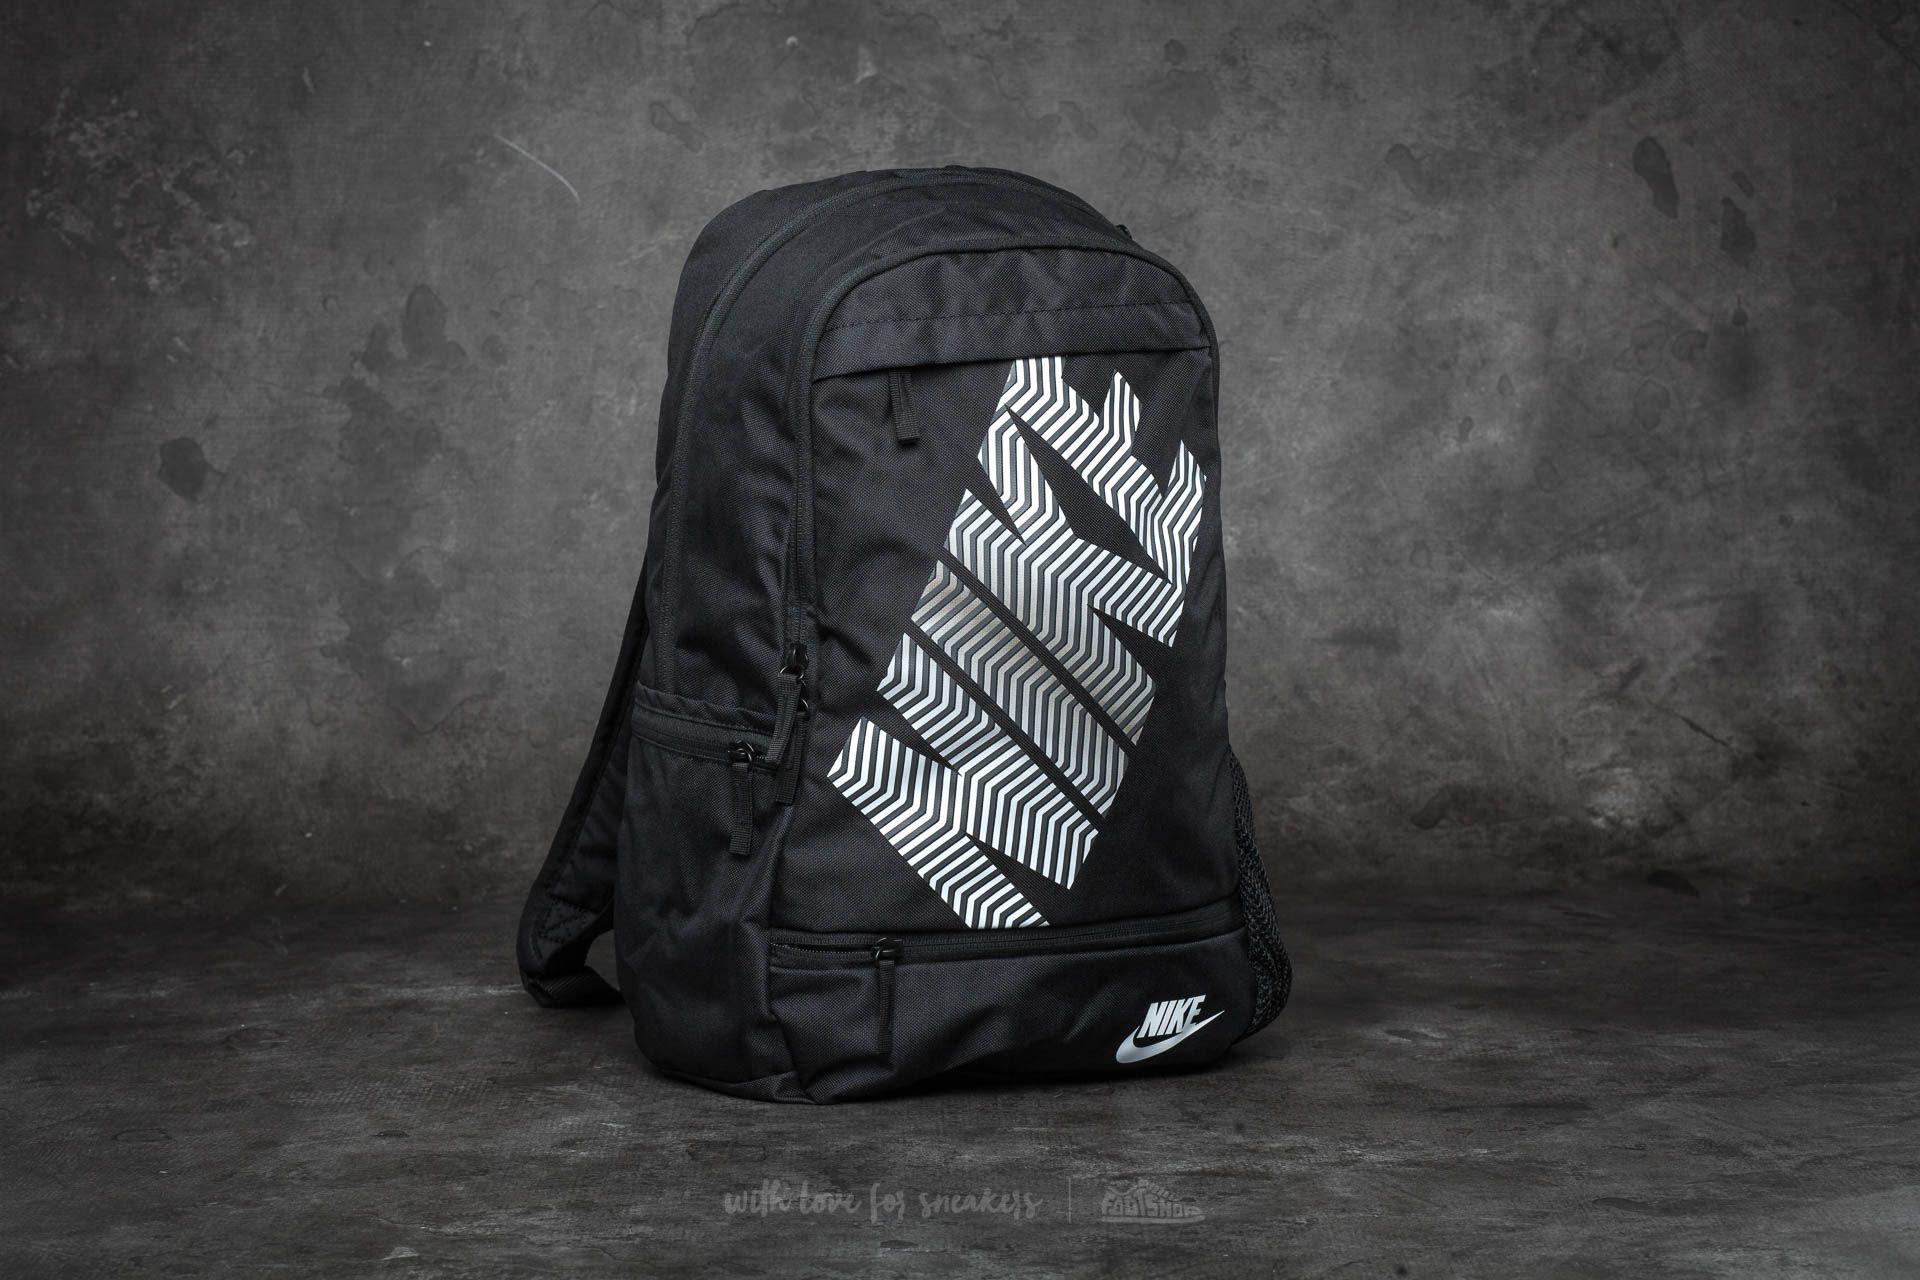 gran selección brillo de color rendimiento confiable Nike Classic Line Backpack Black/ White